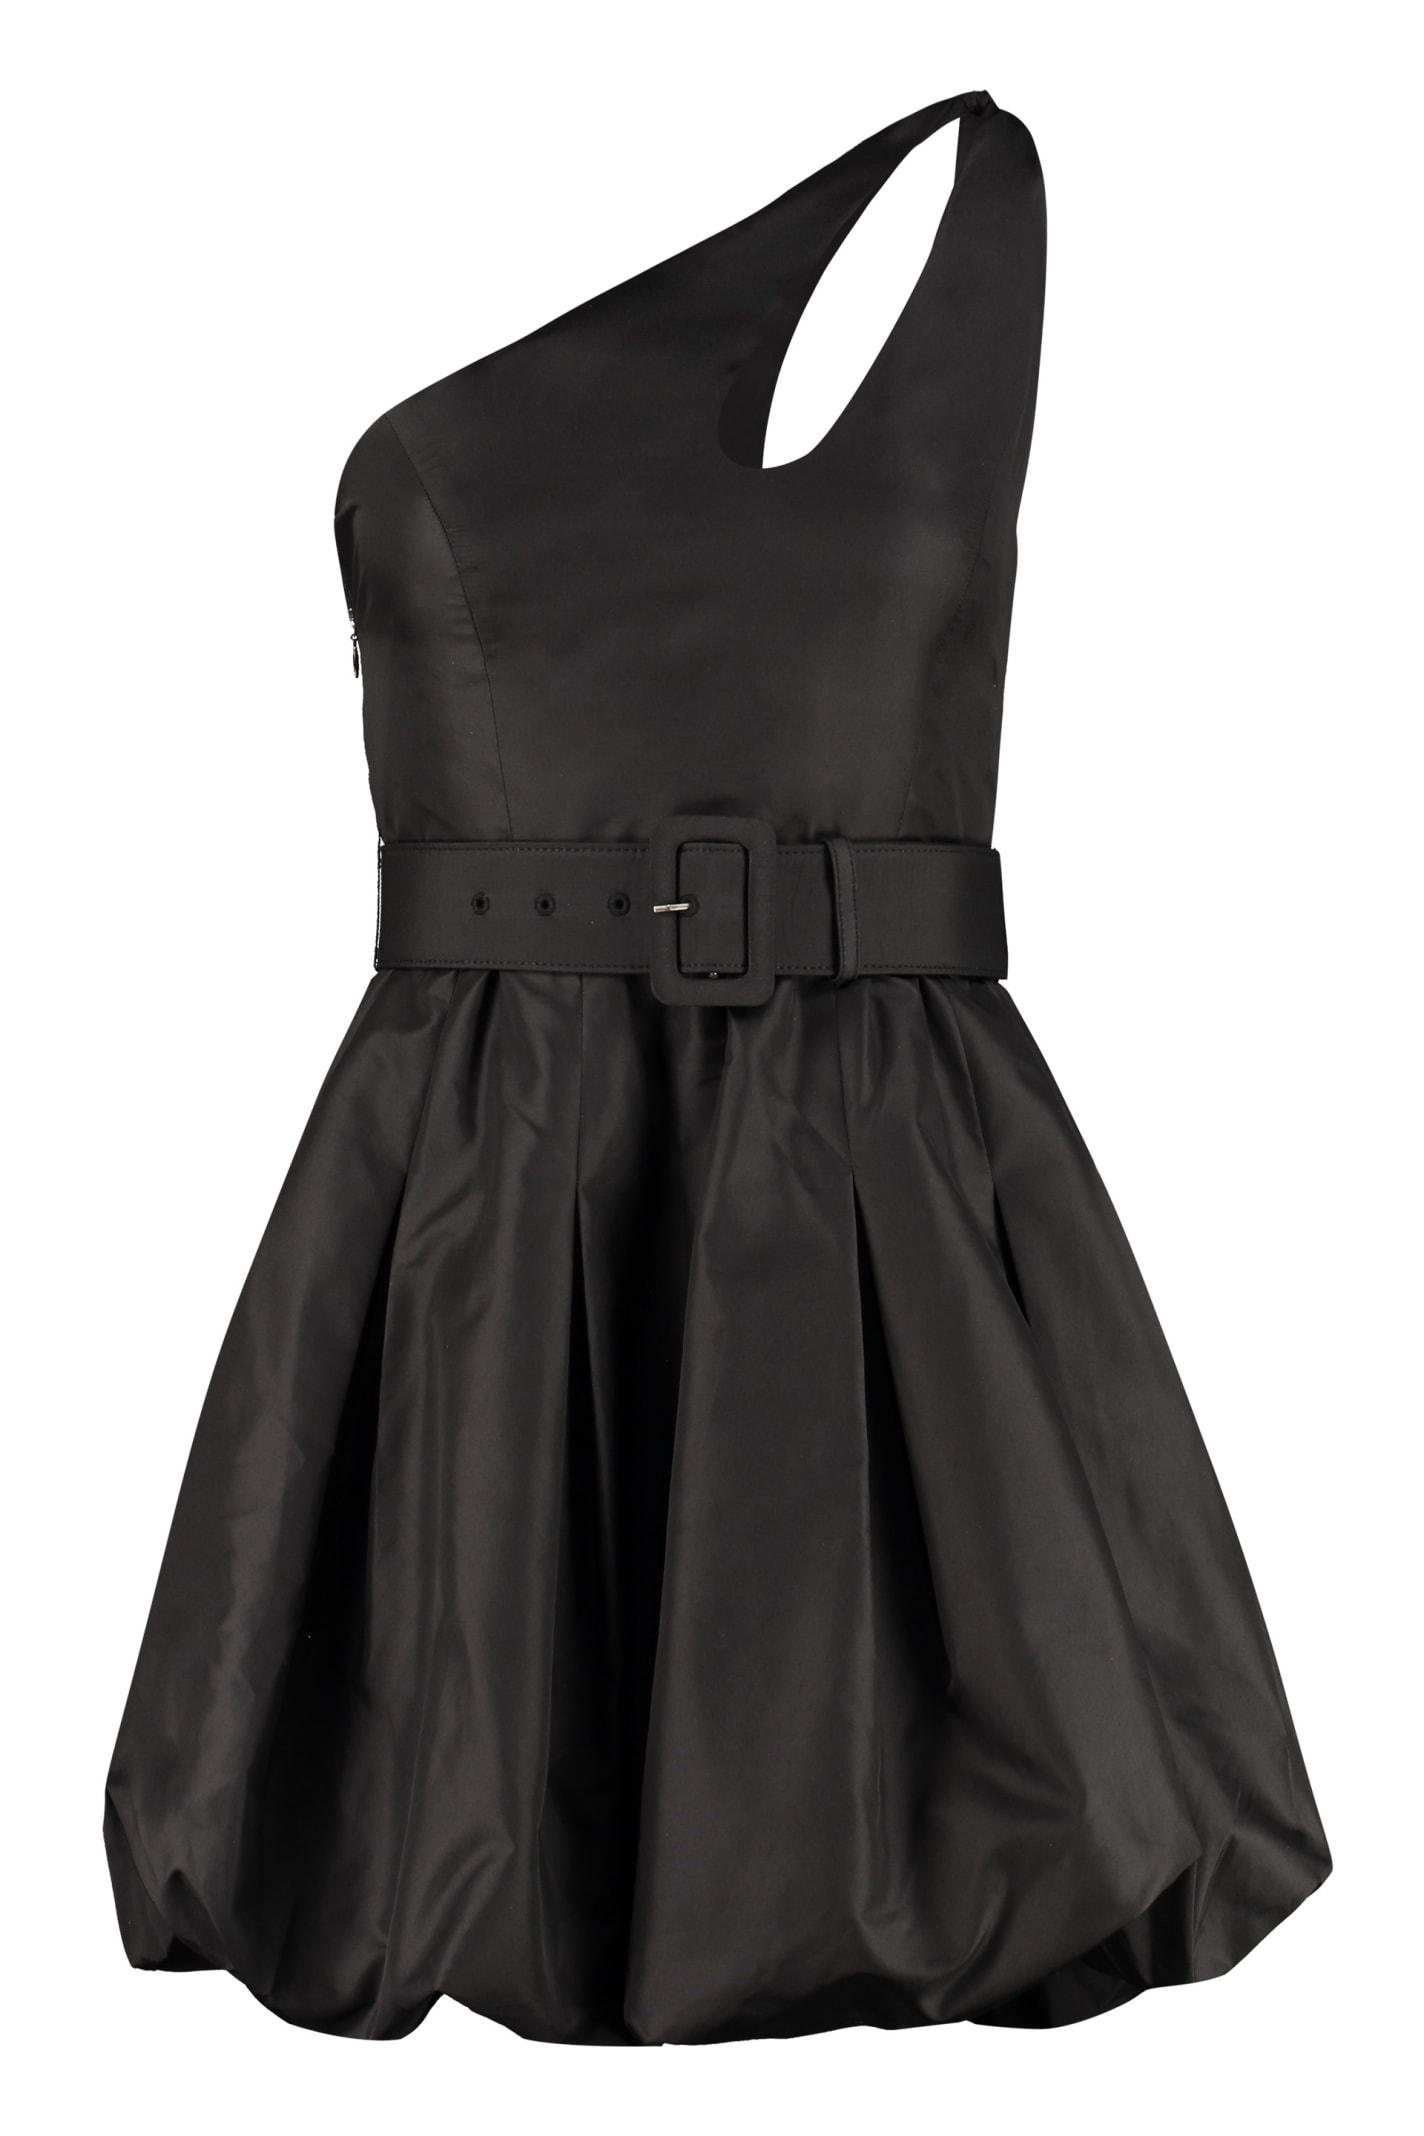 self-portrait Belted One Shoulder Dress